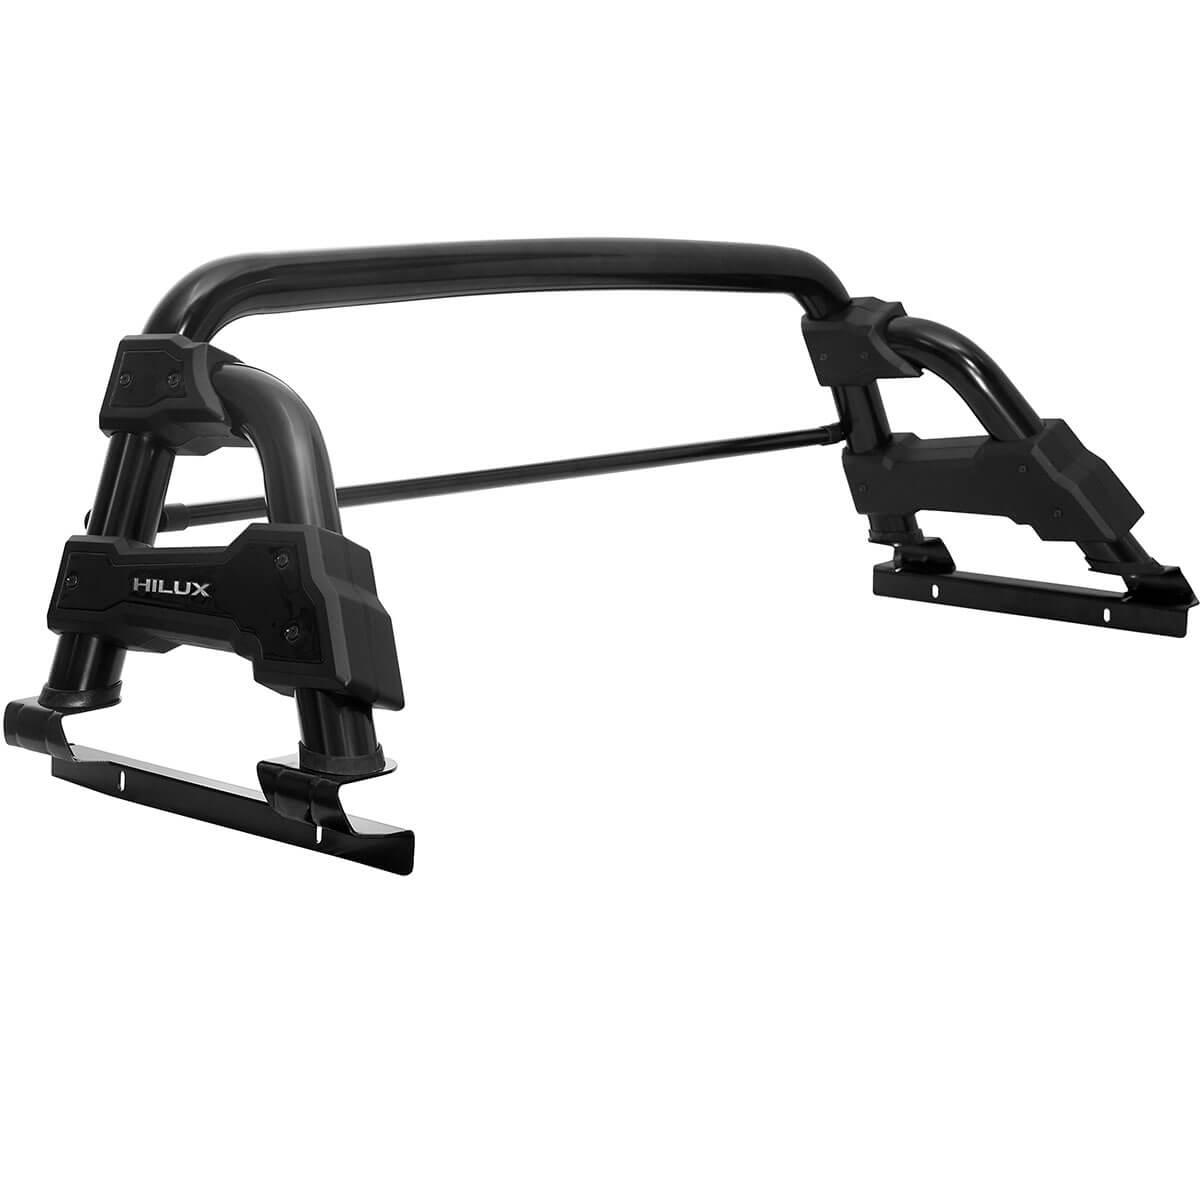 Santo antônio Track STR preto Hilux 2005 a 2015 com barra